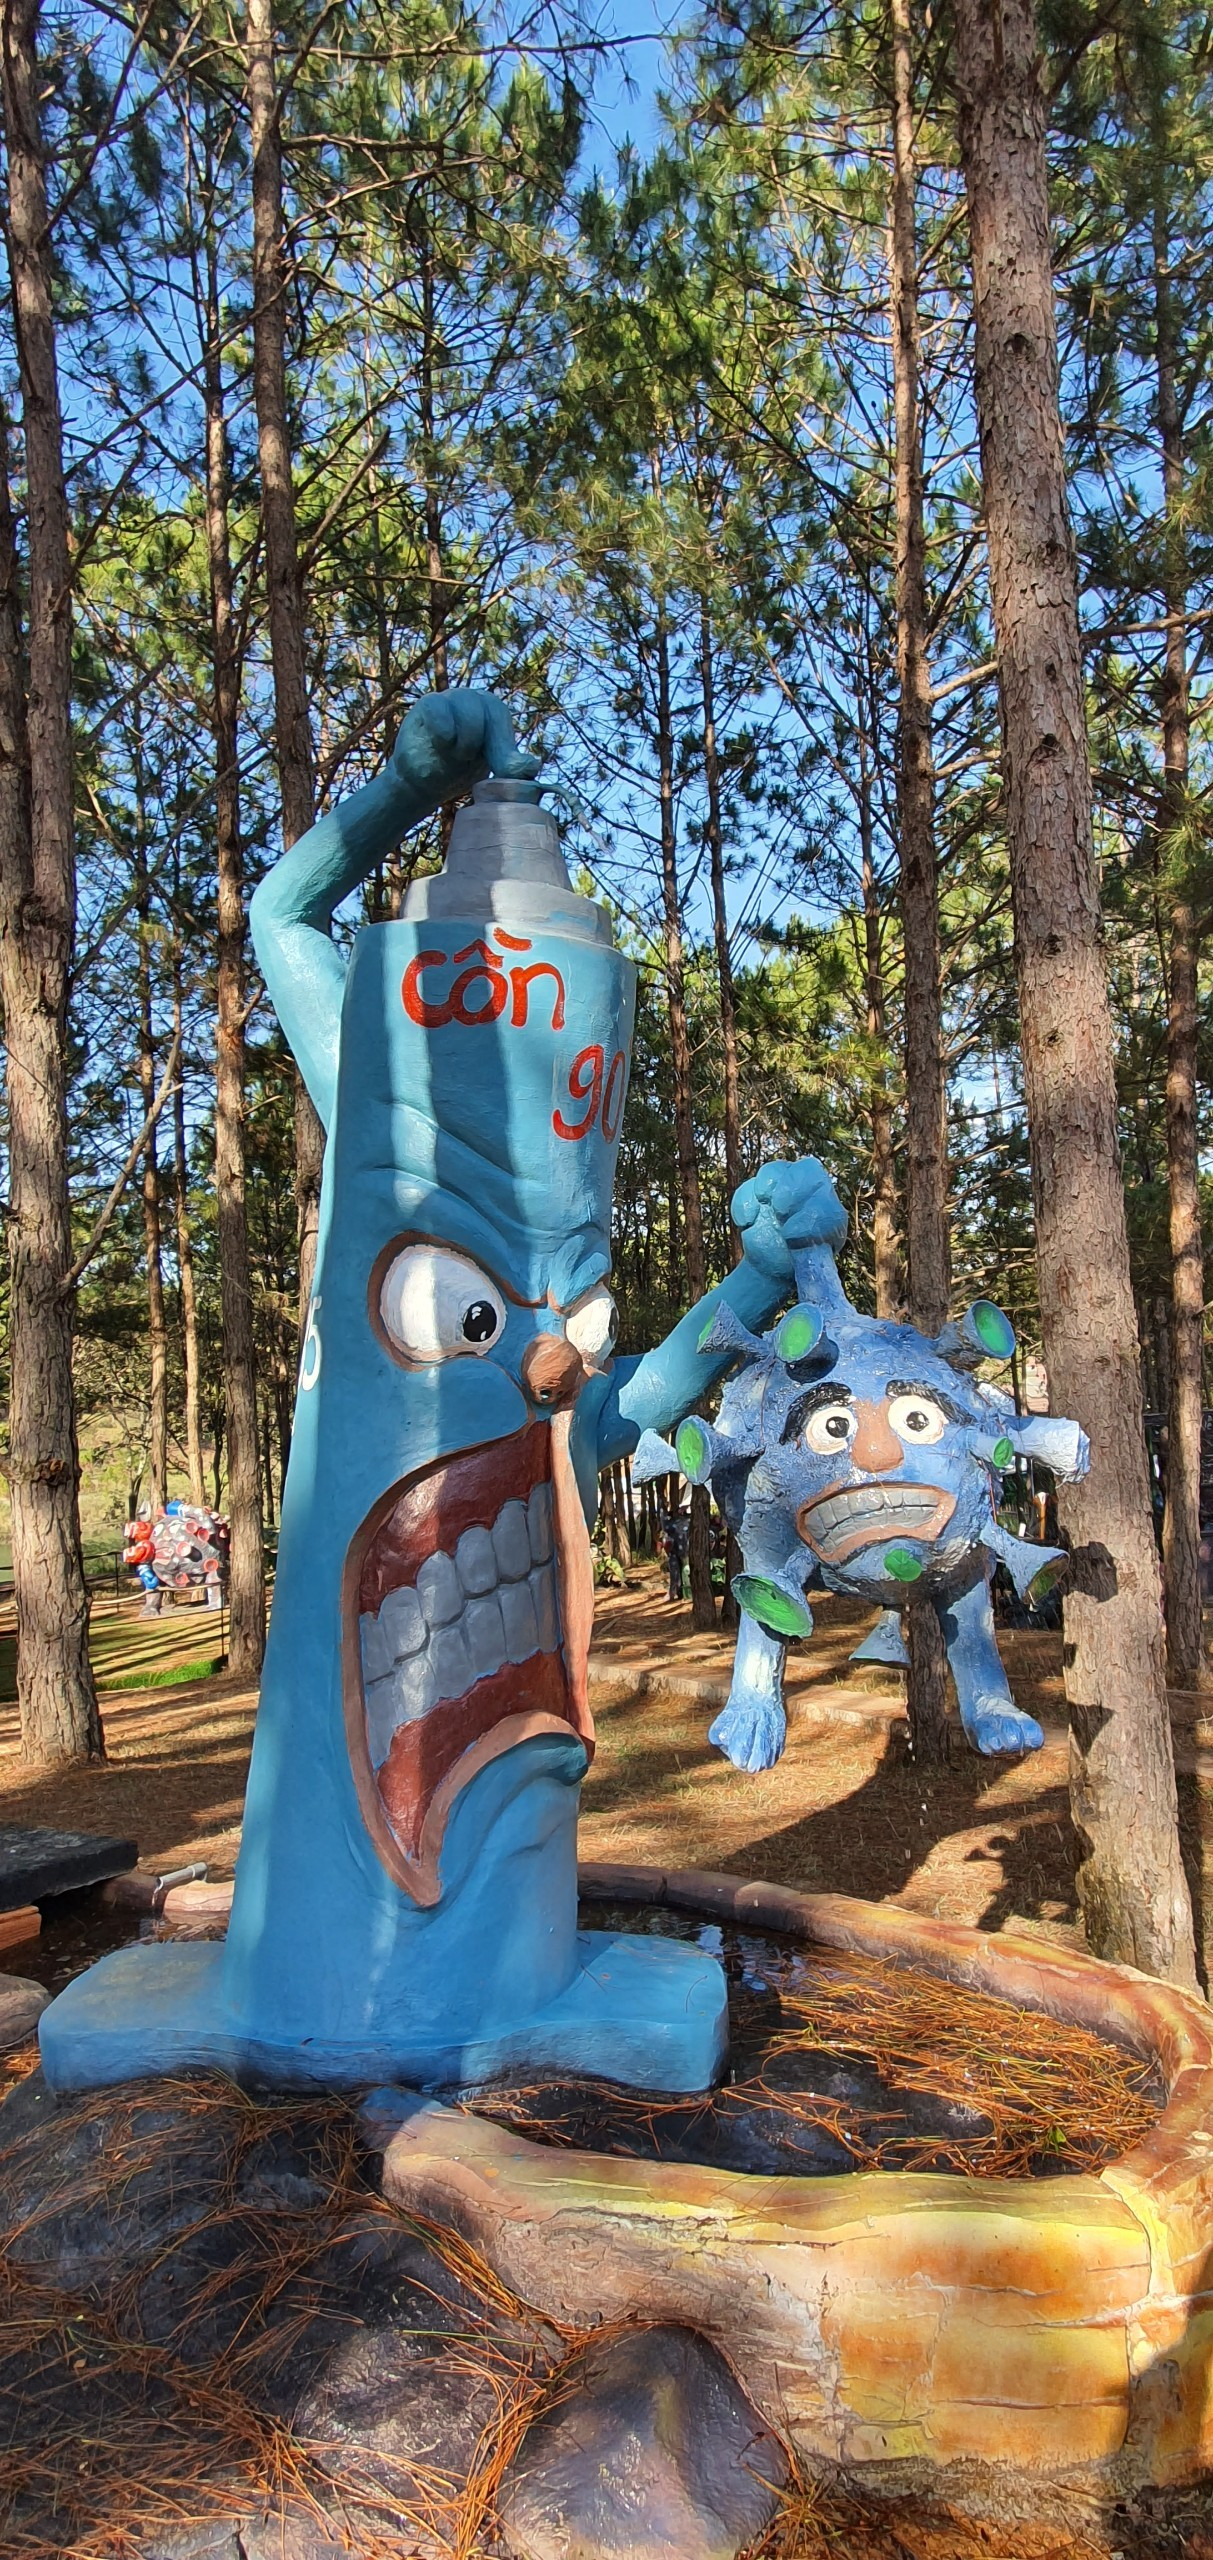 Công viên chống dịch Covid-19 qua điêu khắc ấn tượng ở Đà Lạt